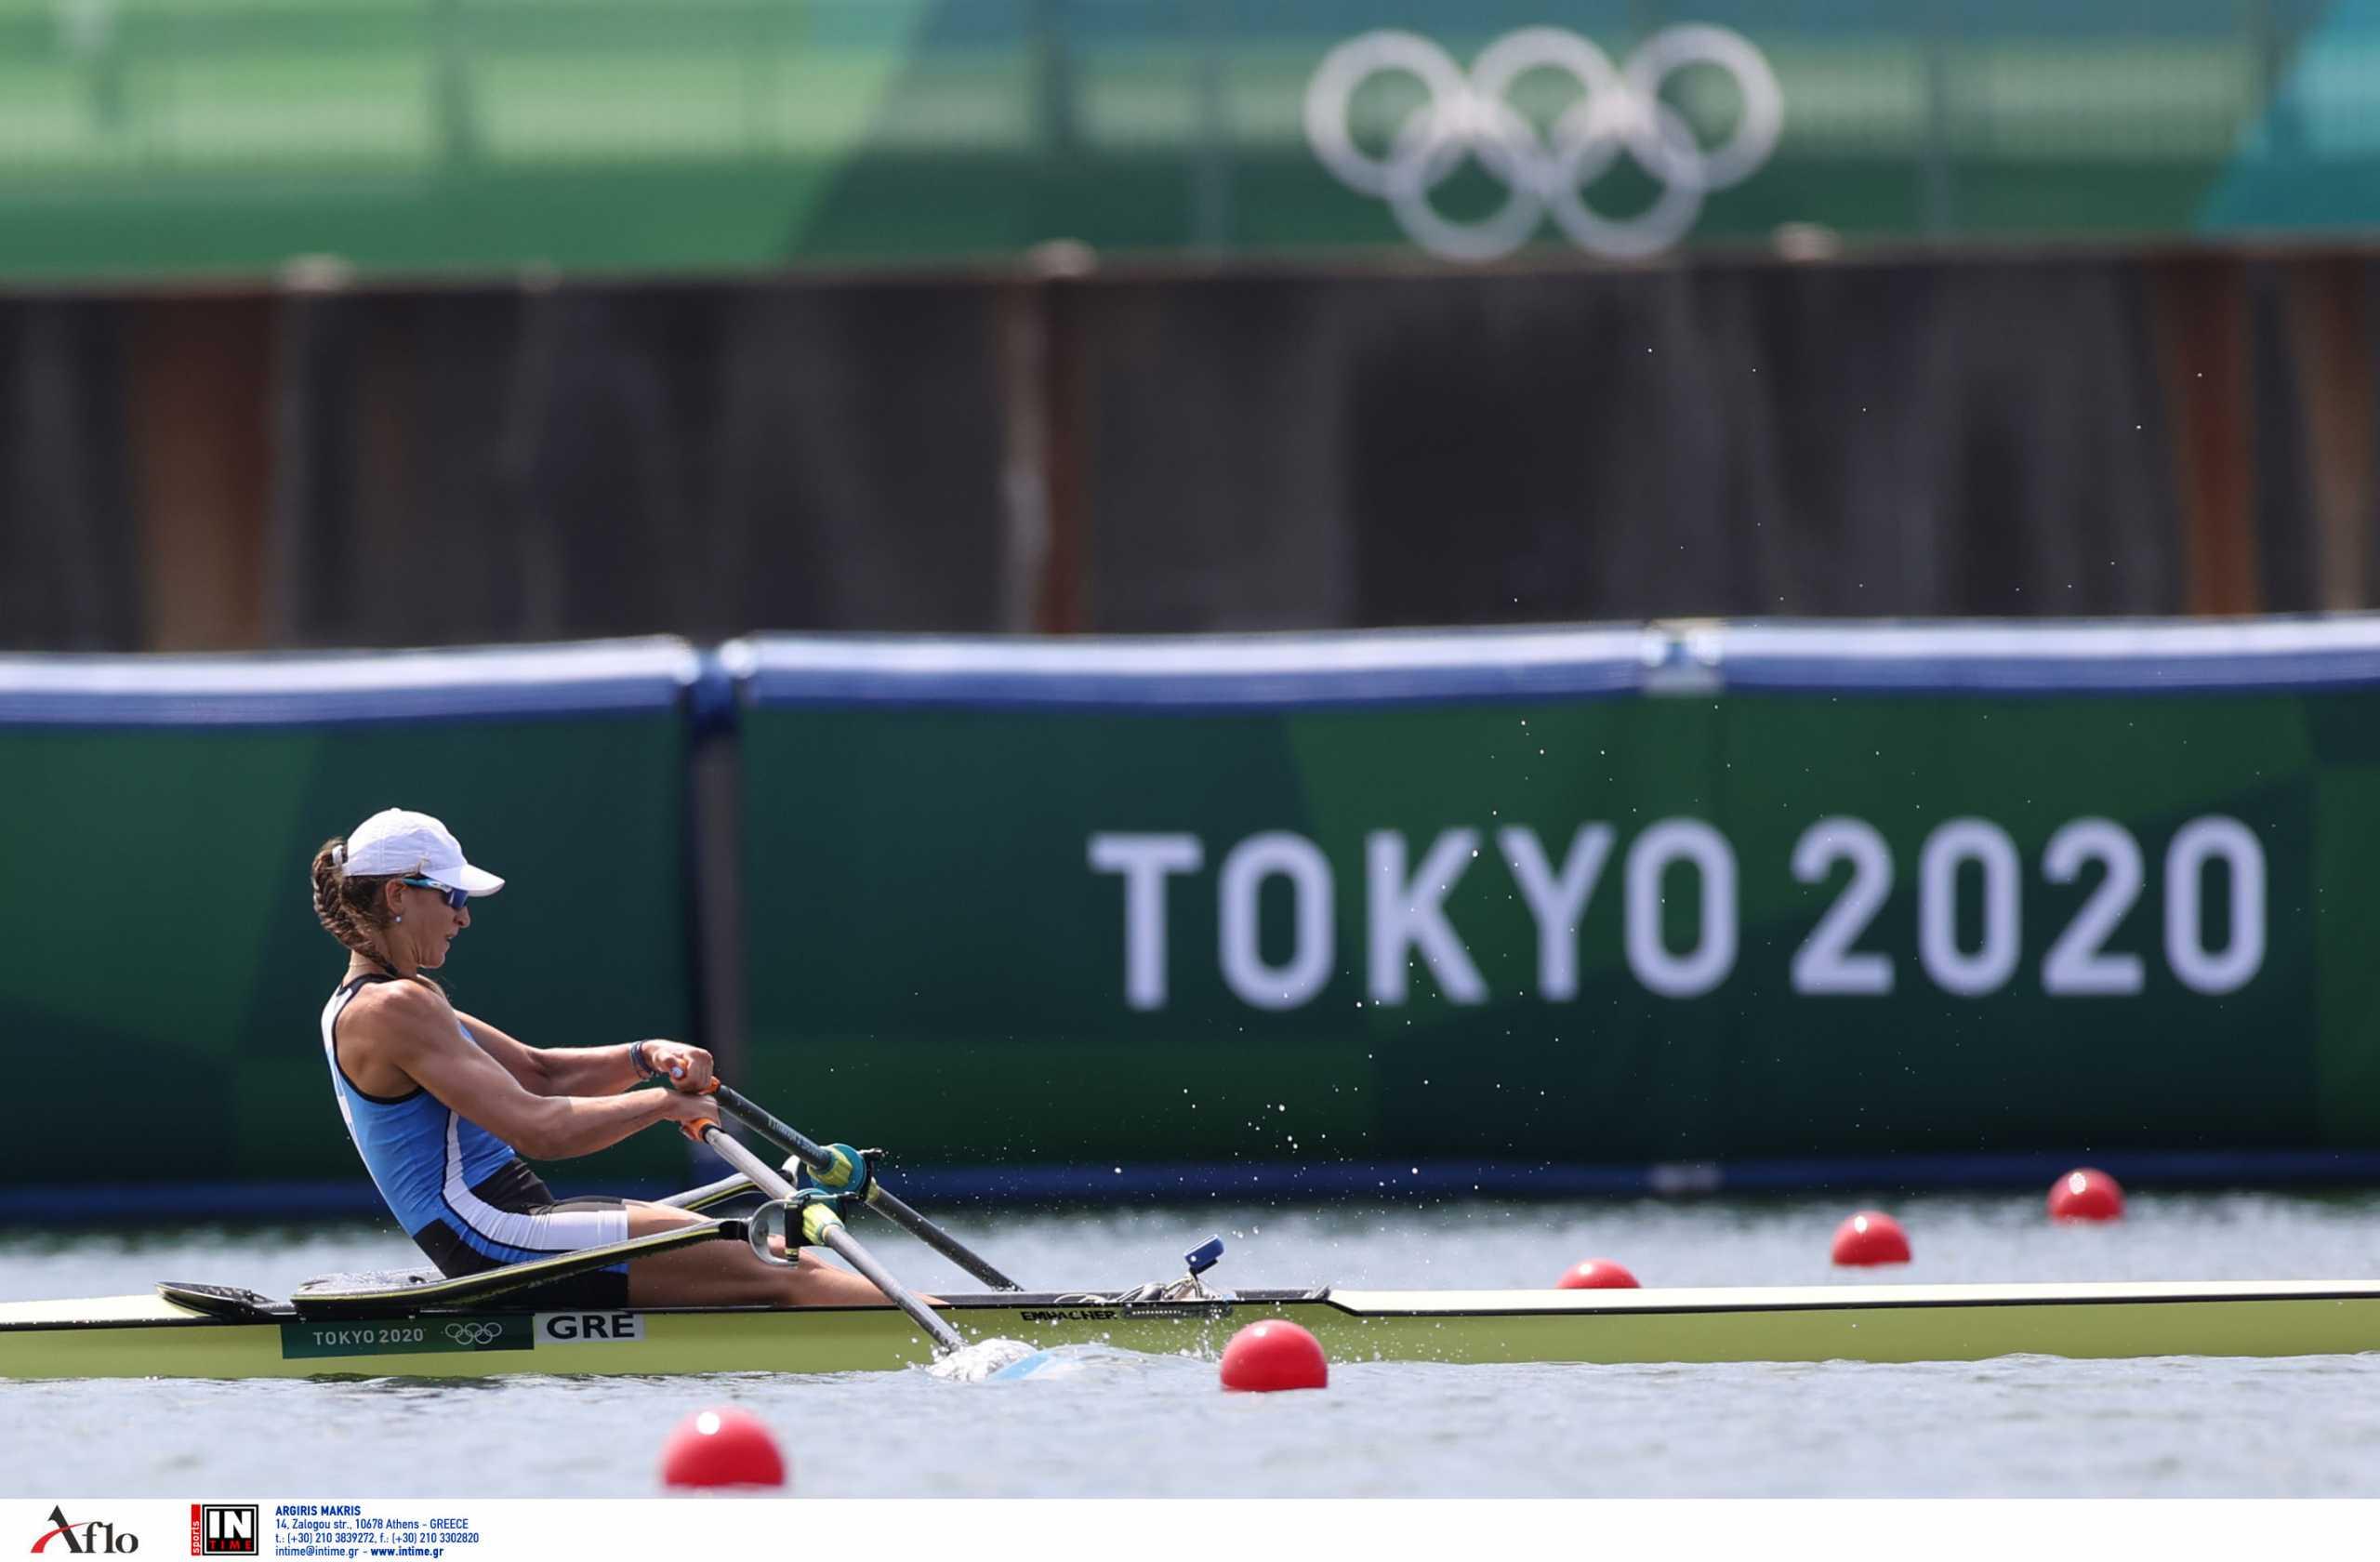 Ολυμπιακοί Αγώνες: Προκρίθηκαν στα ημιτελικά η Αννέτα Κυρίδου και ο Στέφανος Ντούσκος